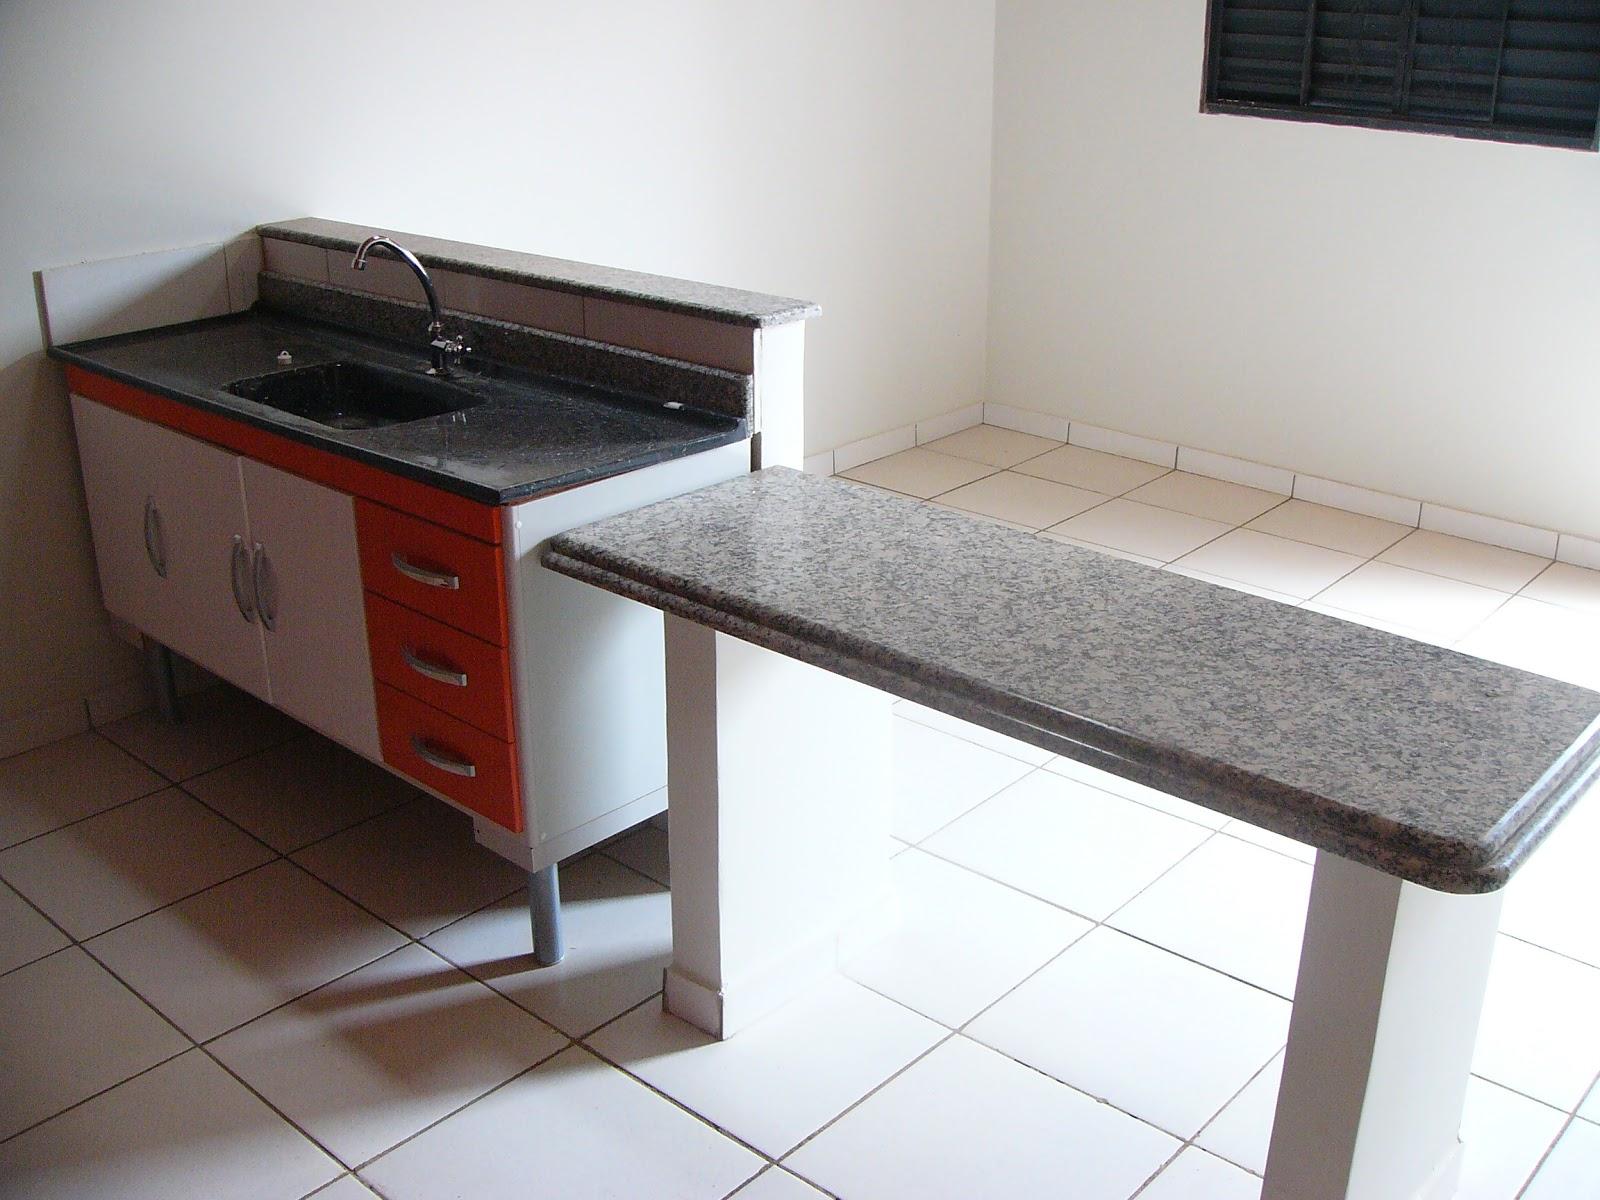 #5D3D36 Bancada da pia de cozinha com 1600x1200 px Fotos De Balcão De Granito Para Cozinha Americana_3445 Imagens